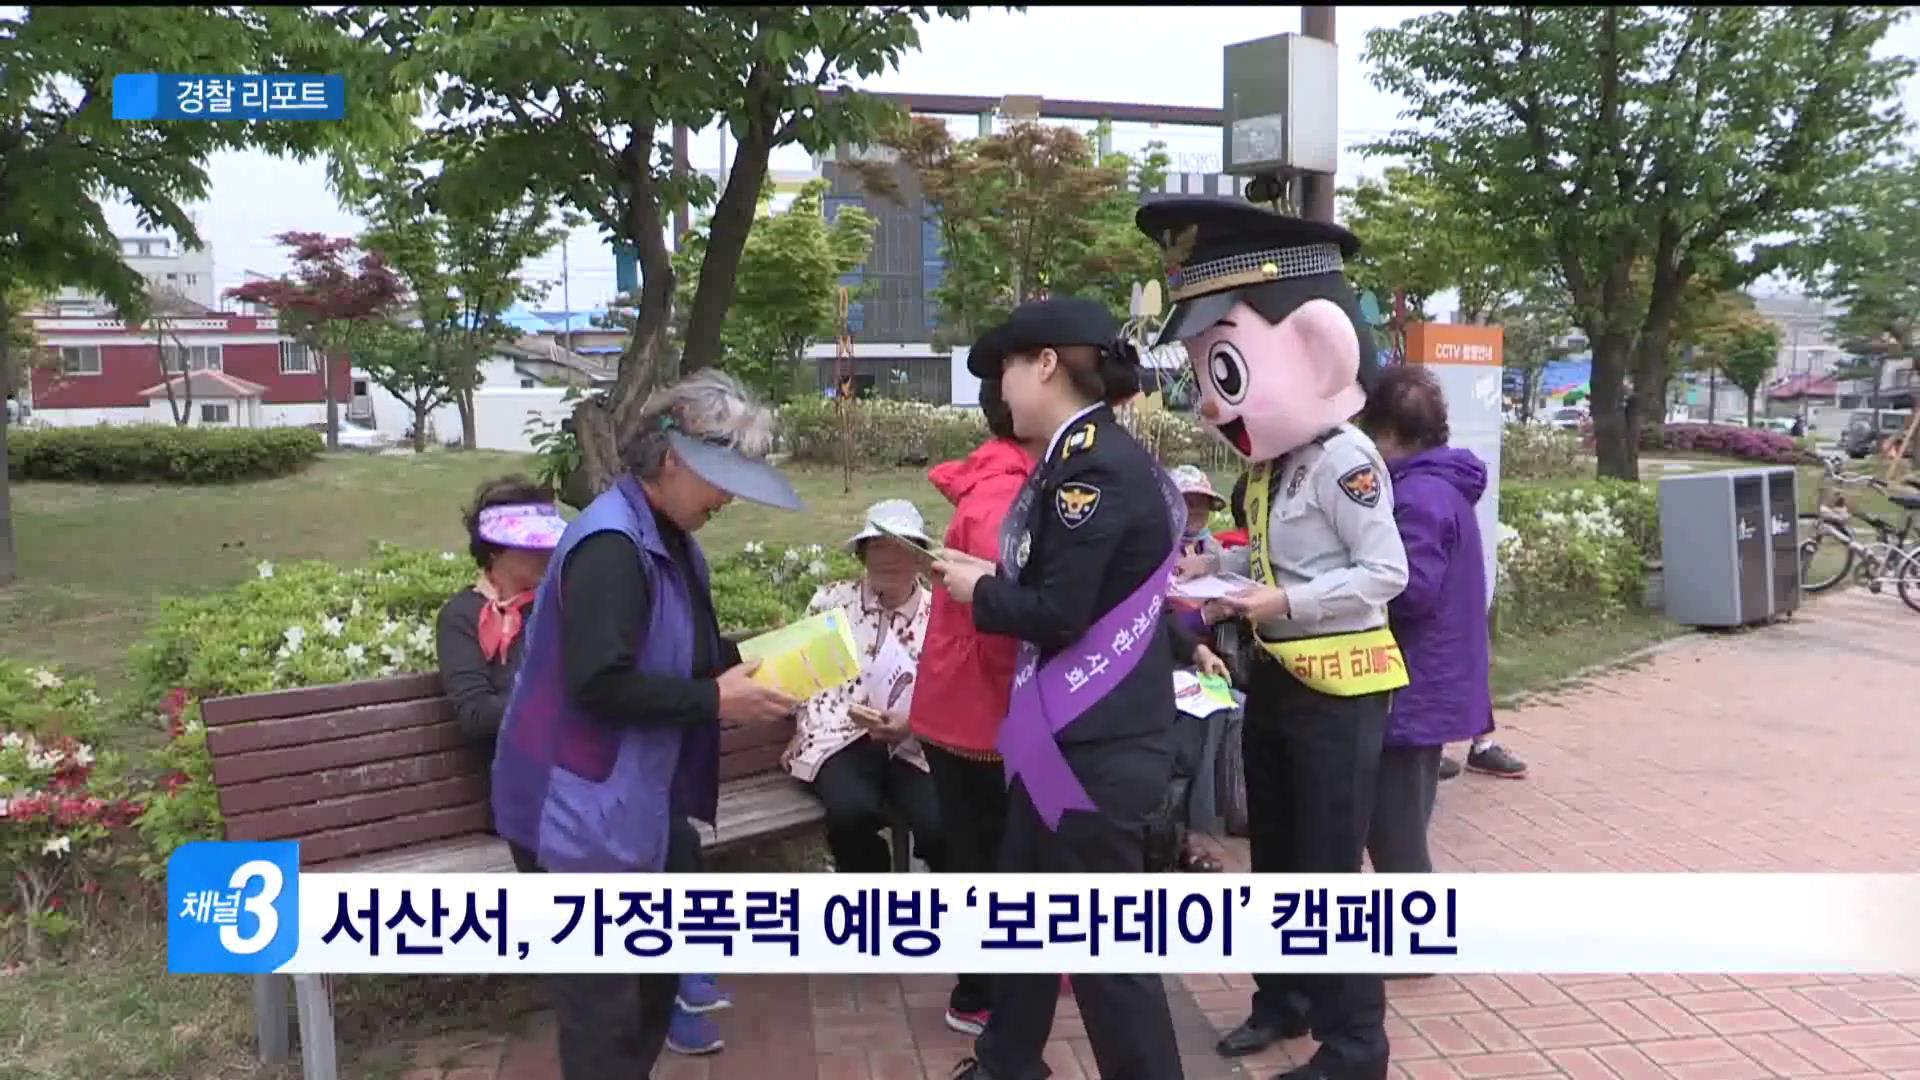 충남경찰 리포트 66회